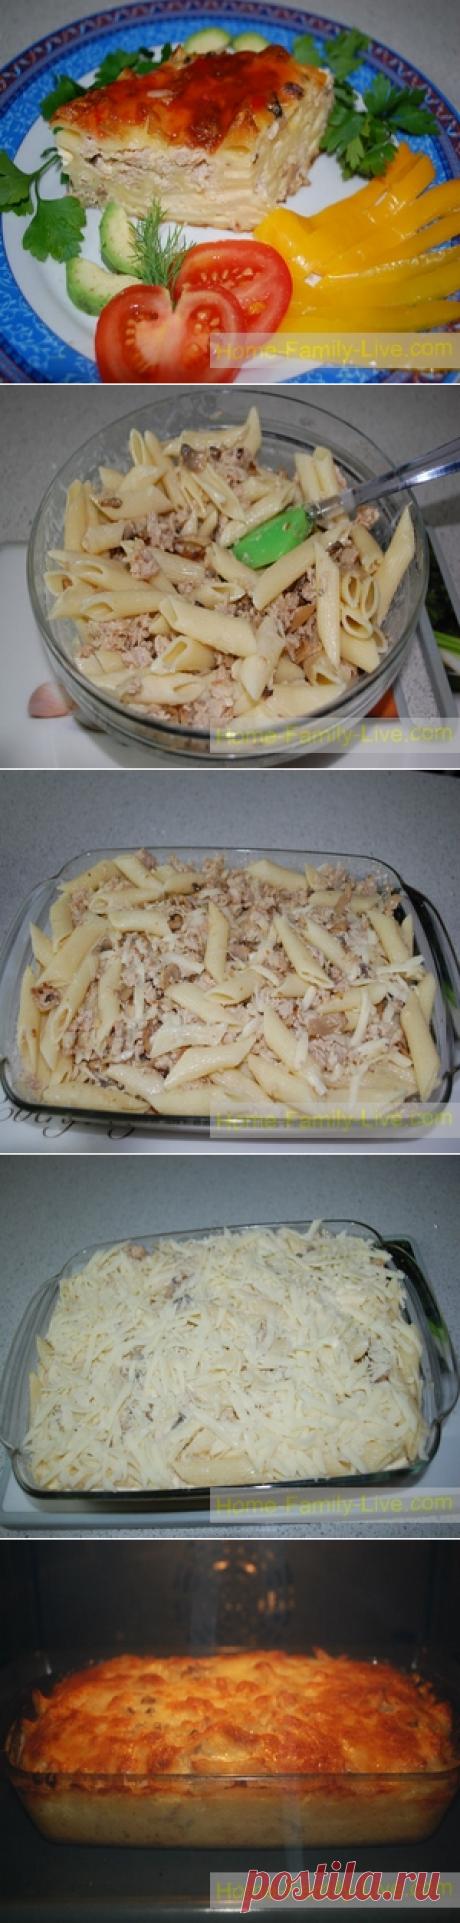 Запеканка из макарон с фаршем/Сайт с пошаговыми рецептами с фото для тех кто любит готовить